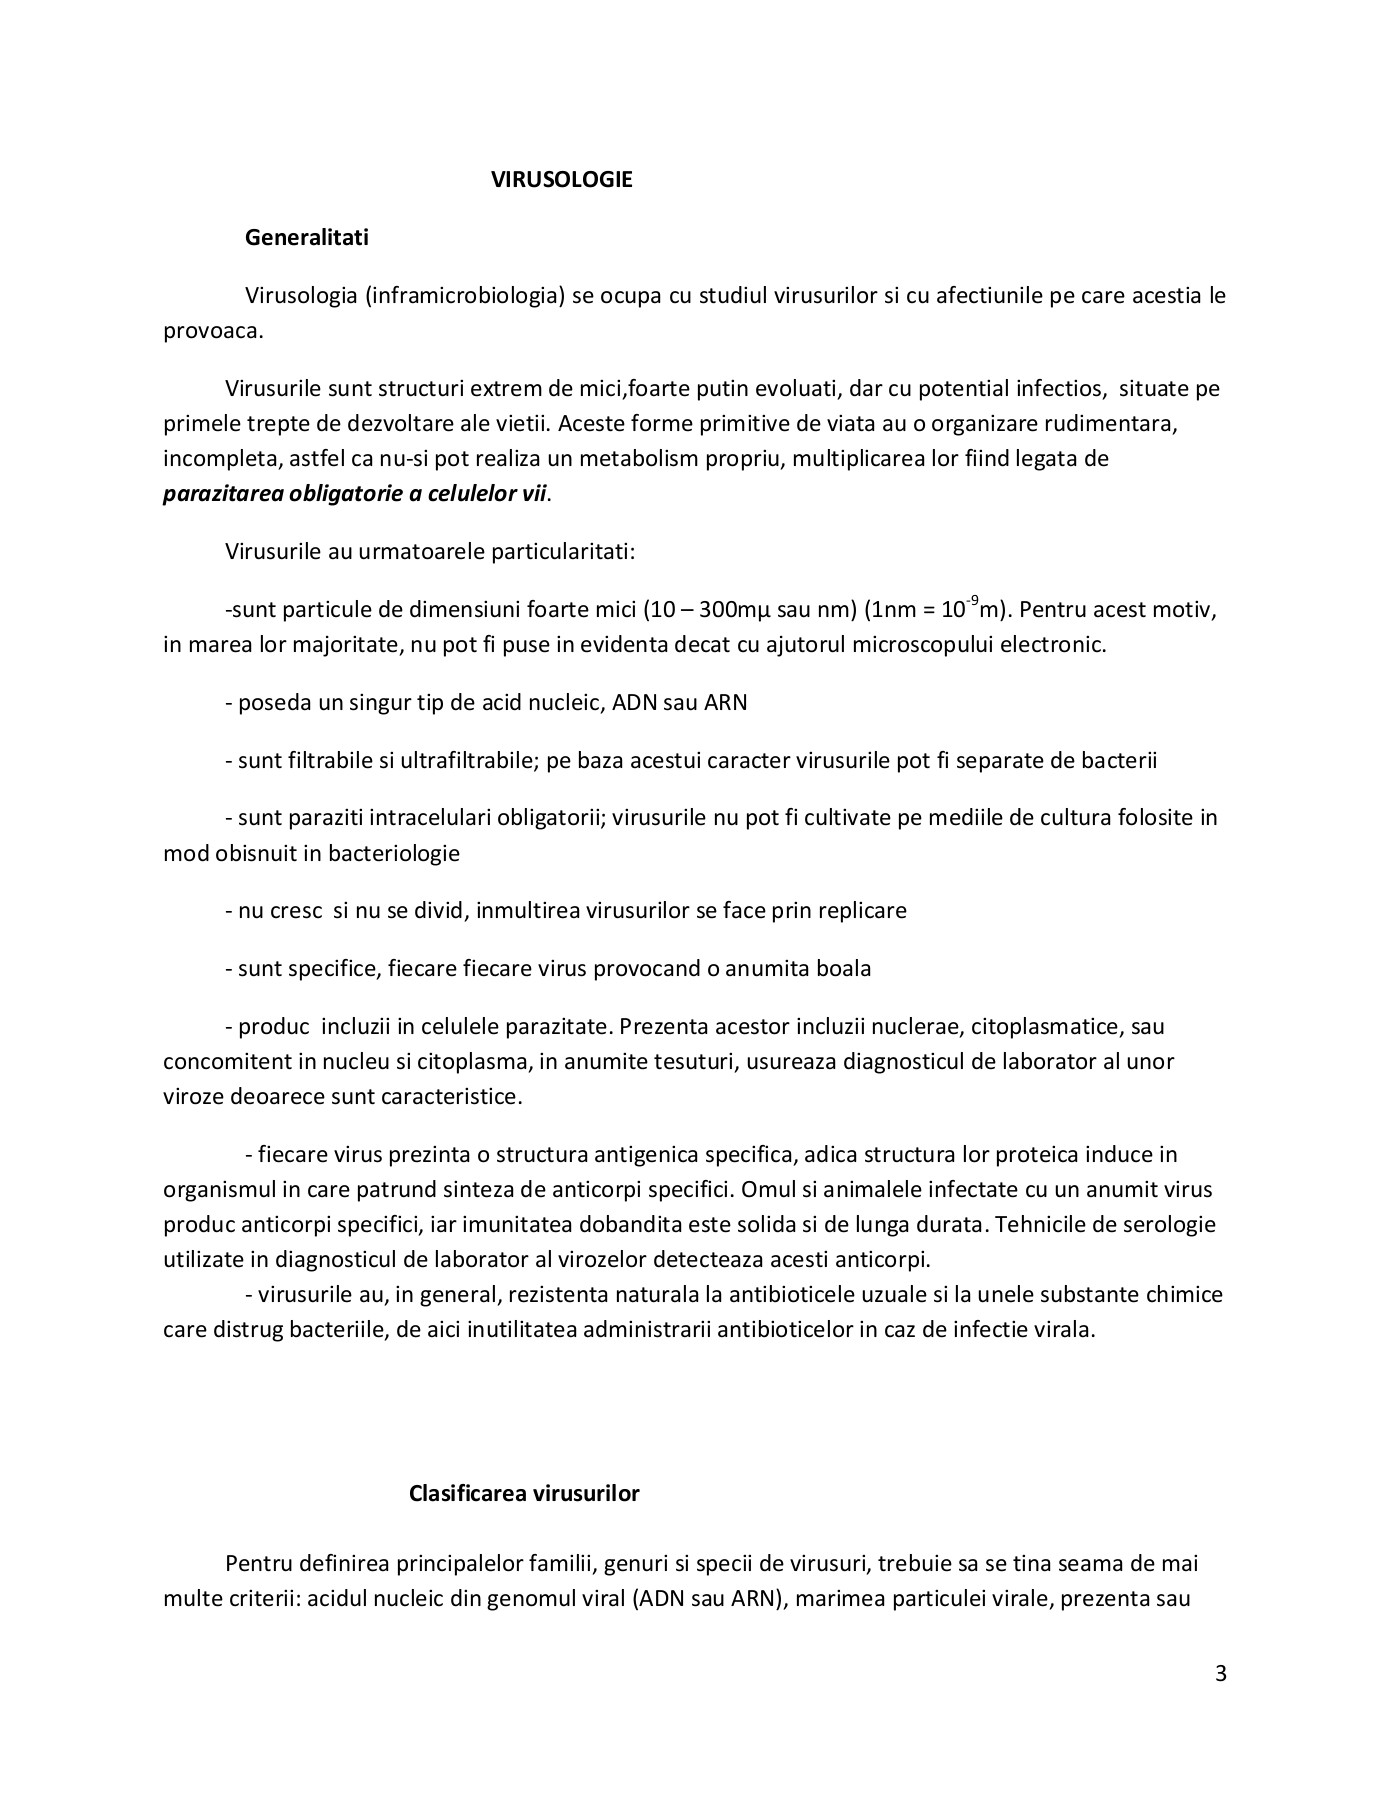 Hipospadias - Pediatrica